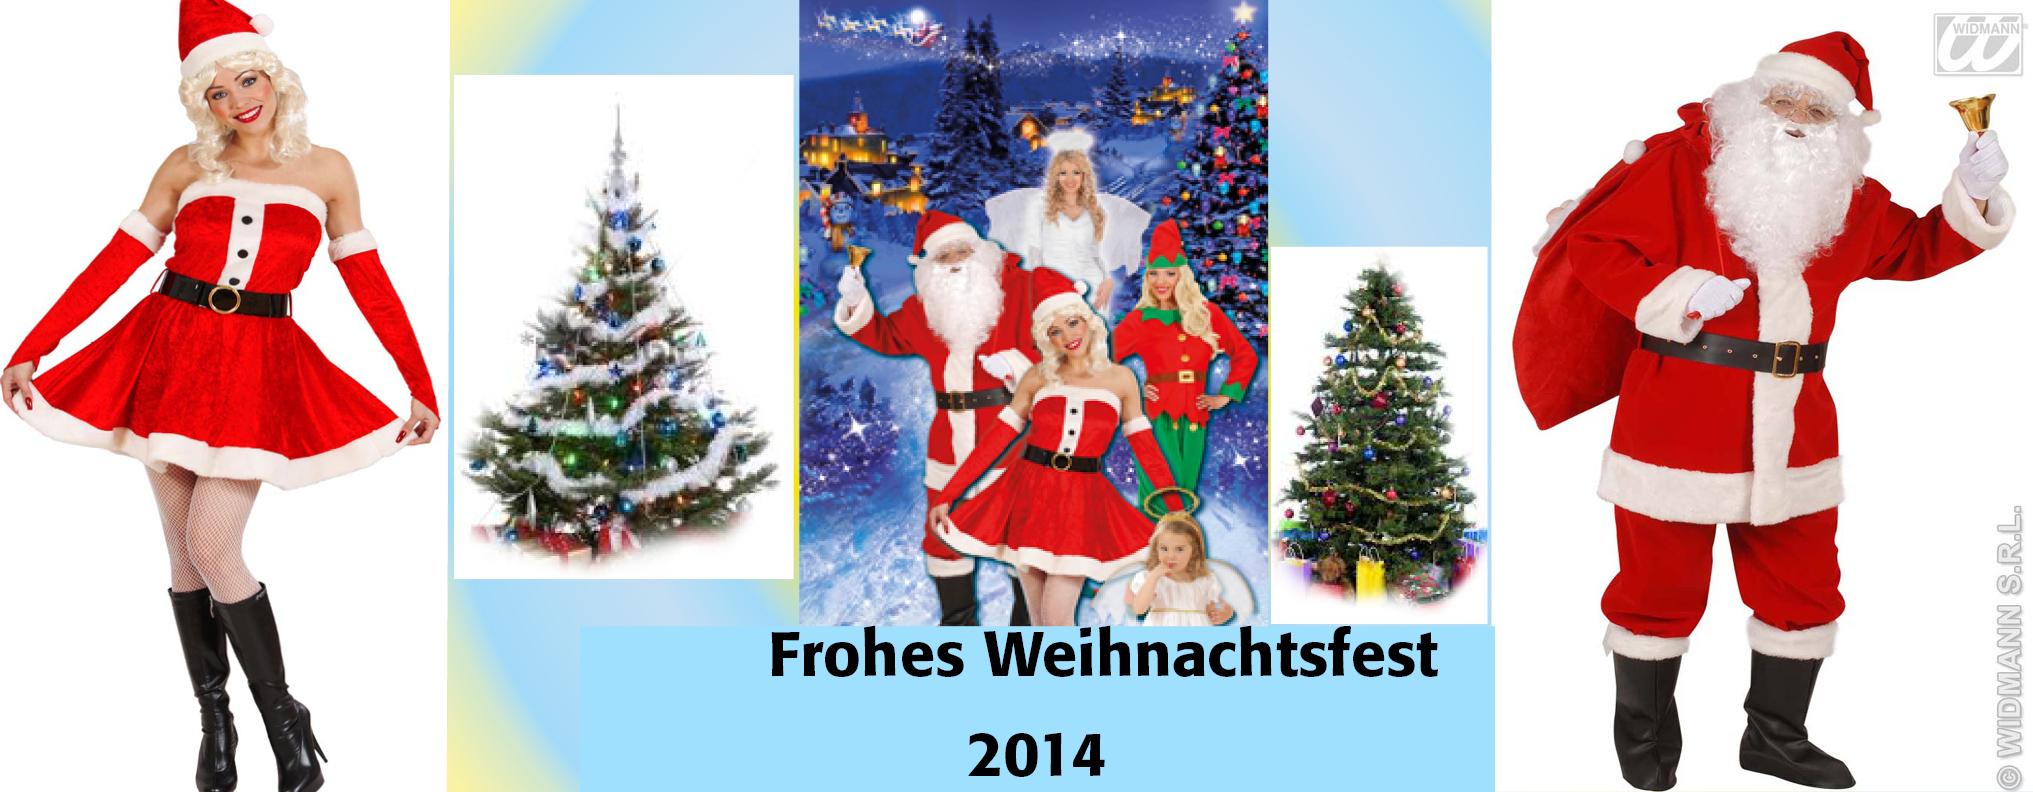 Banner Weihnachten 2014